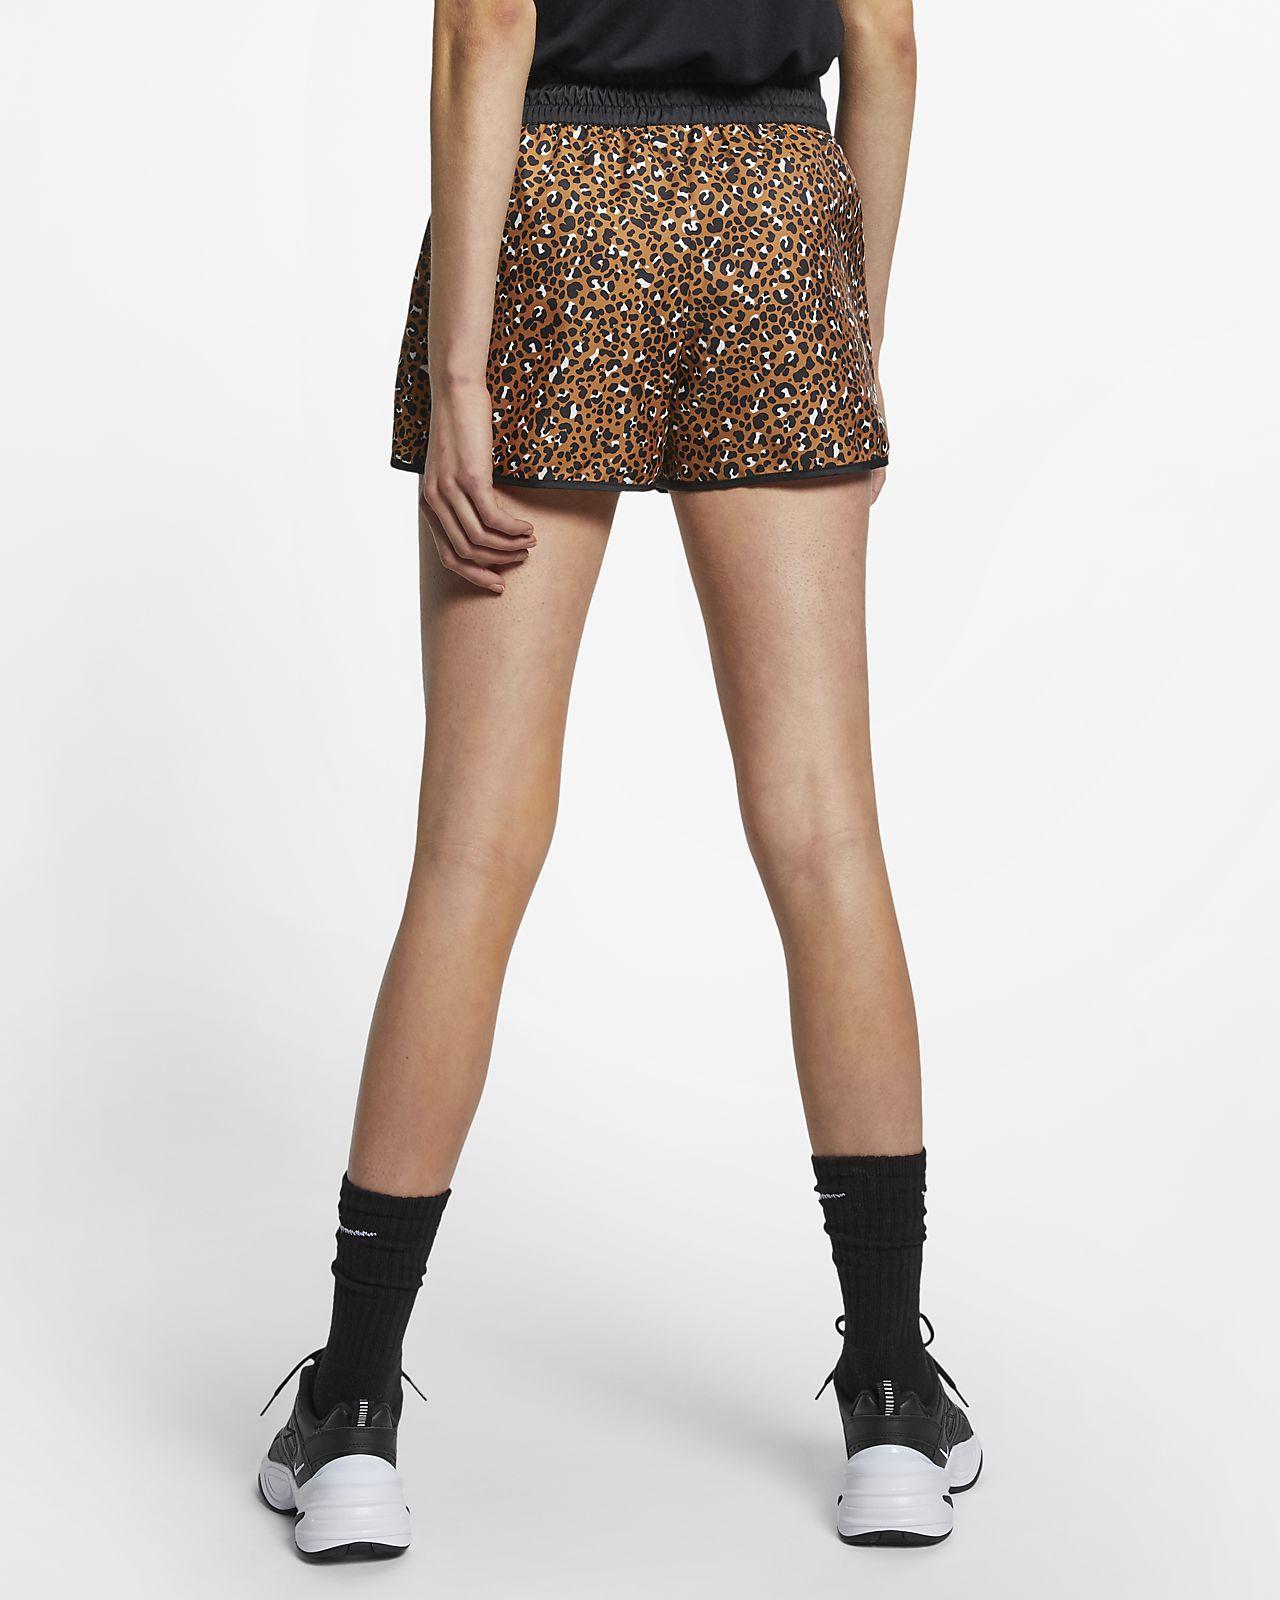 Nike Sportswear Animal Print vævede shorts til kvinder